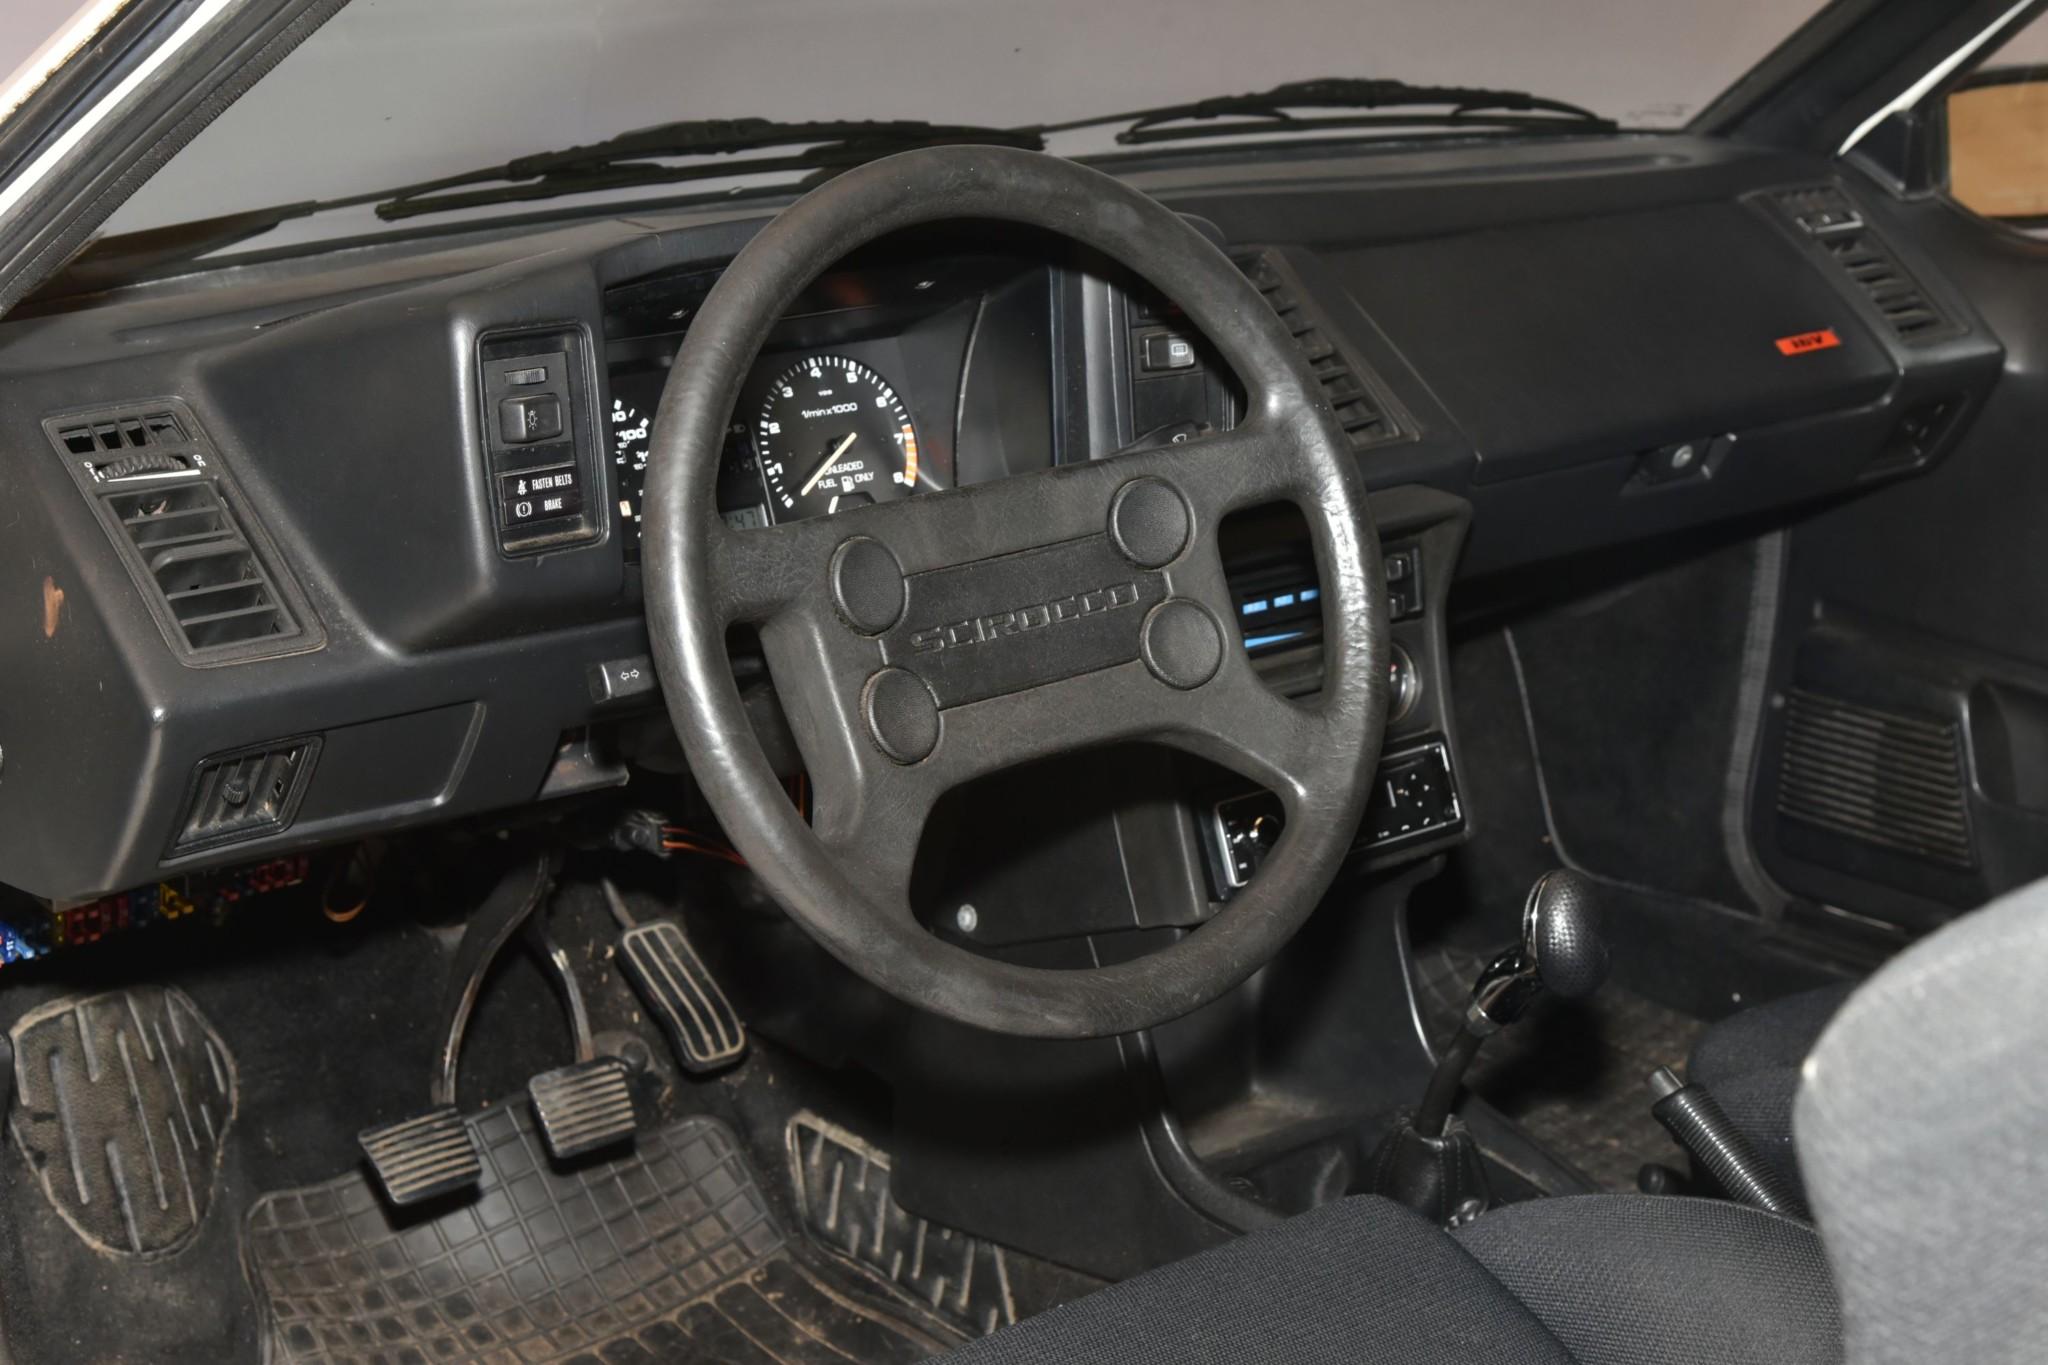 1988_volkswagen_scirocco_16v_1579623109565ef66e7dff9f98DSC_6231